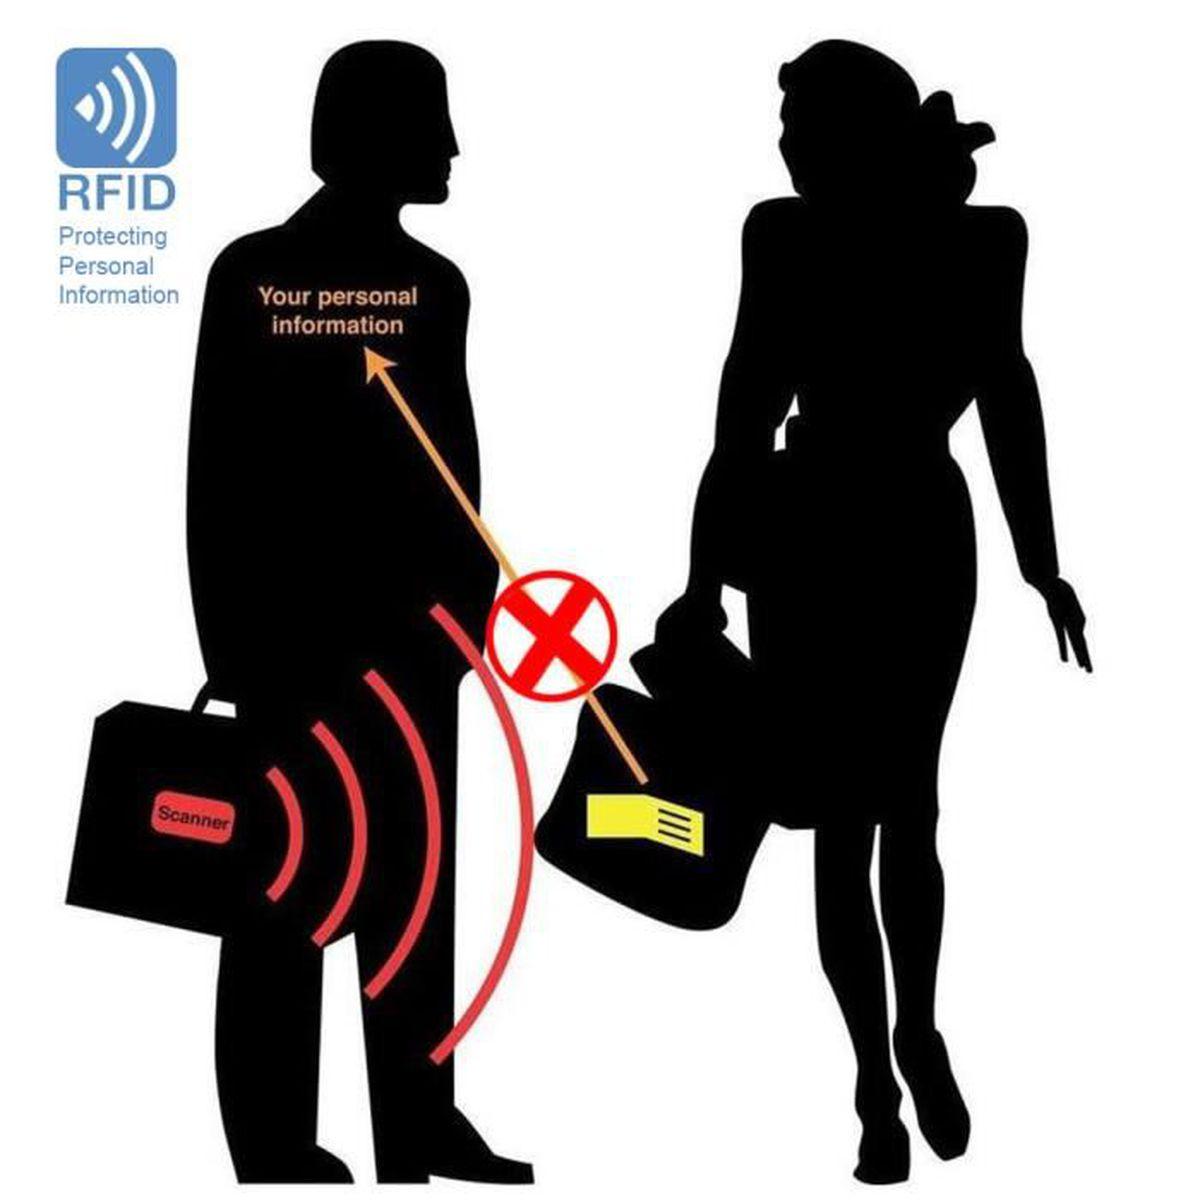 Argent Ceinture avec RFID Protection - Voyager Portefeuille et Passeport  Pochette (Noir) - Achat   Vente porte papiers 2009810652971 - Cdiscount 2b28392403e